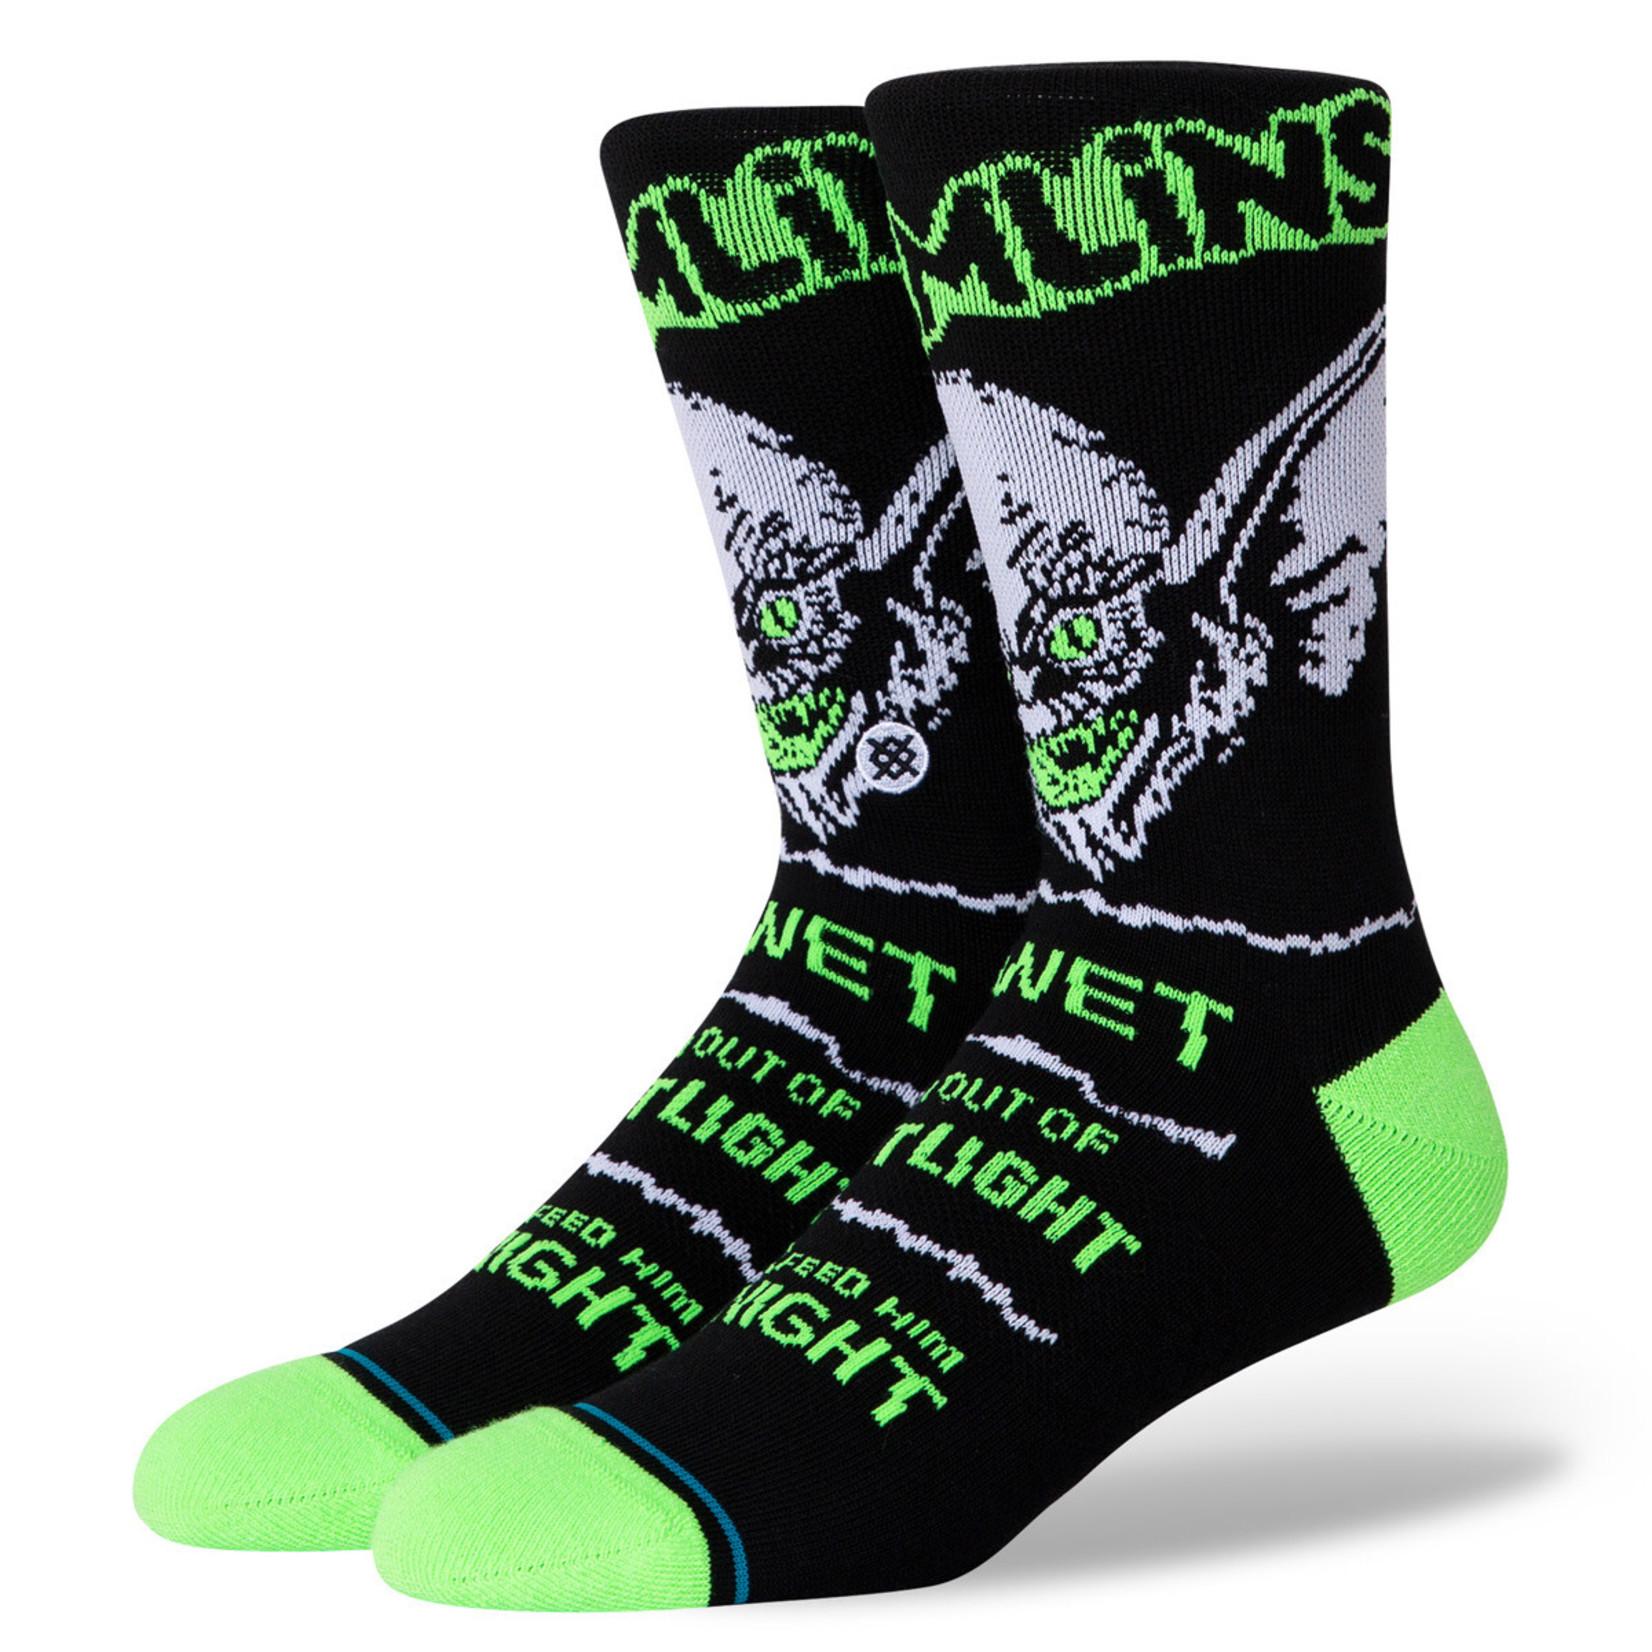 Stance Stance Socks, Gremlins Bright Light